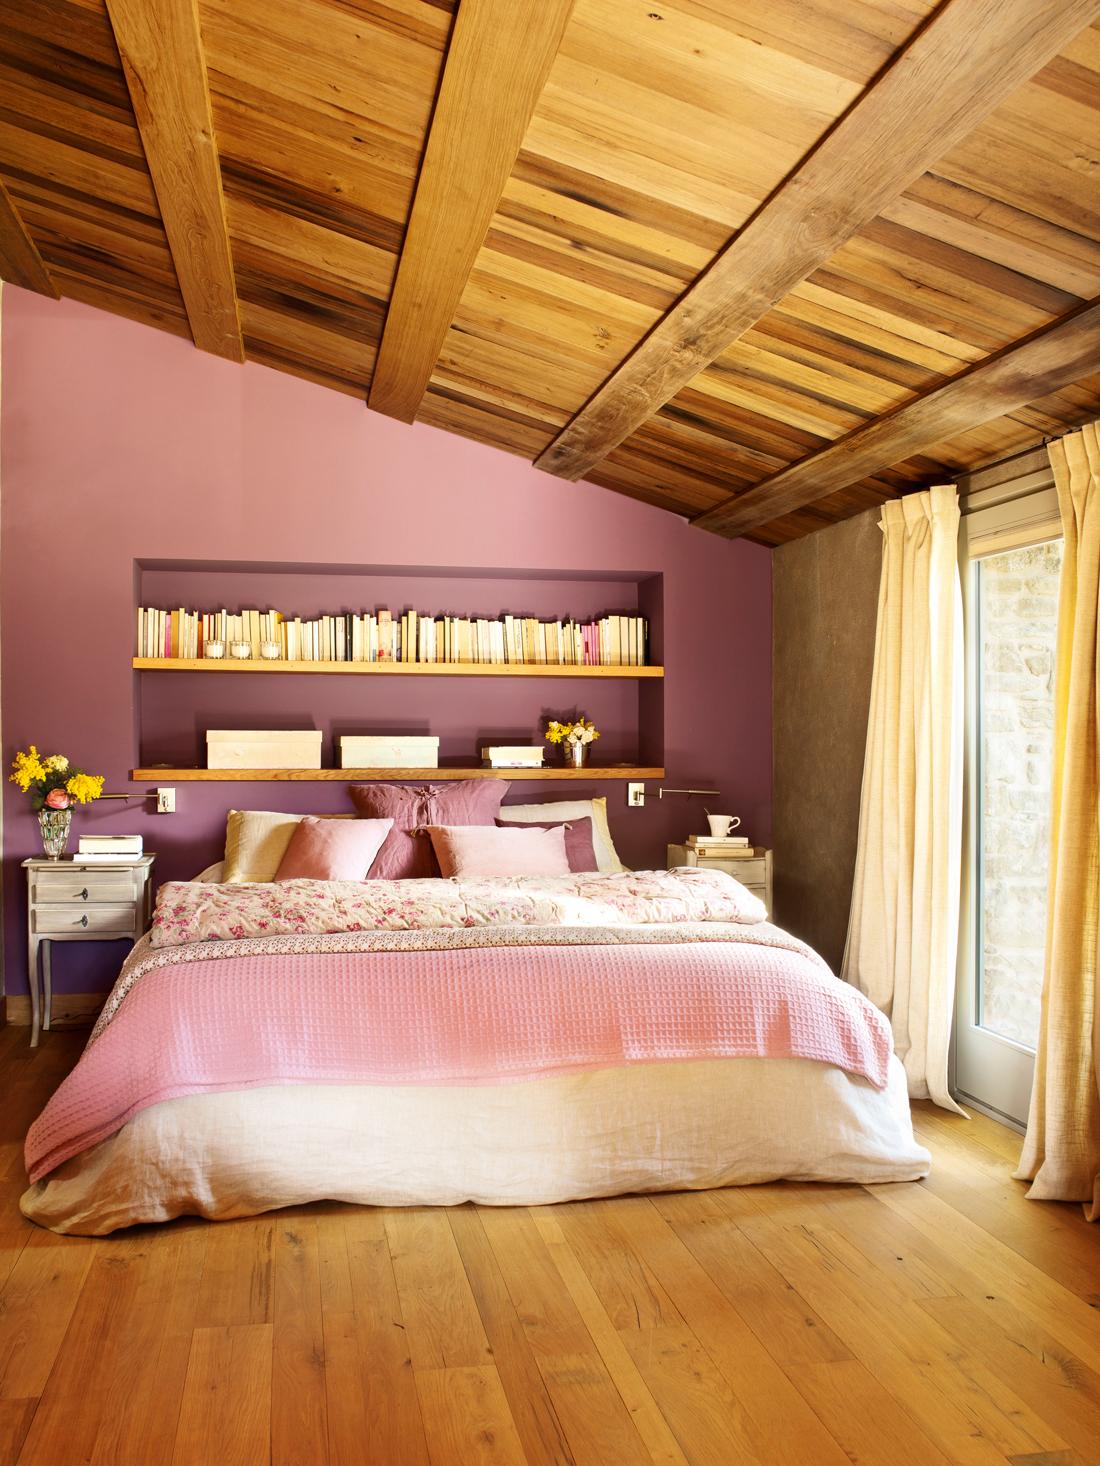 Hornacinas huecos decorativos y con espacio extra para - Imagenes para dormitorios ...